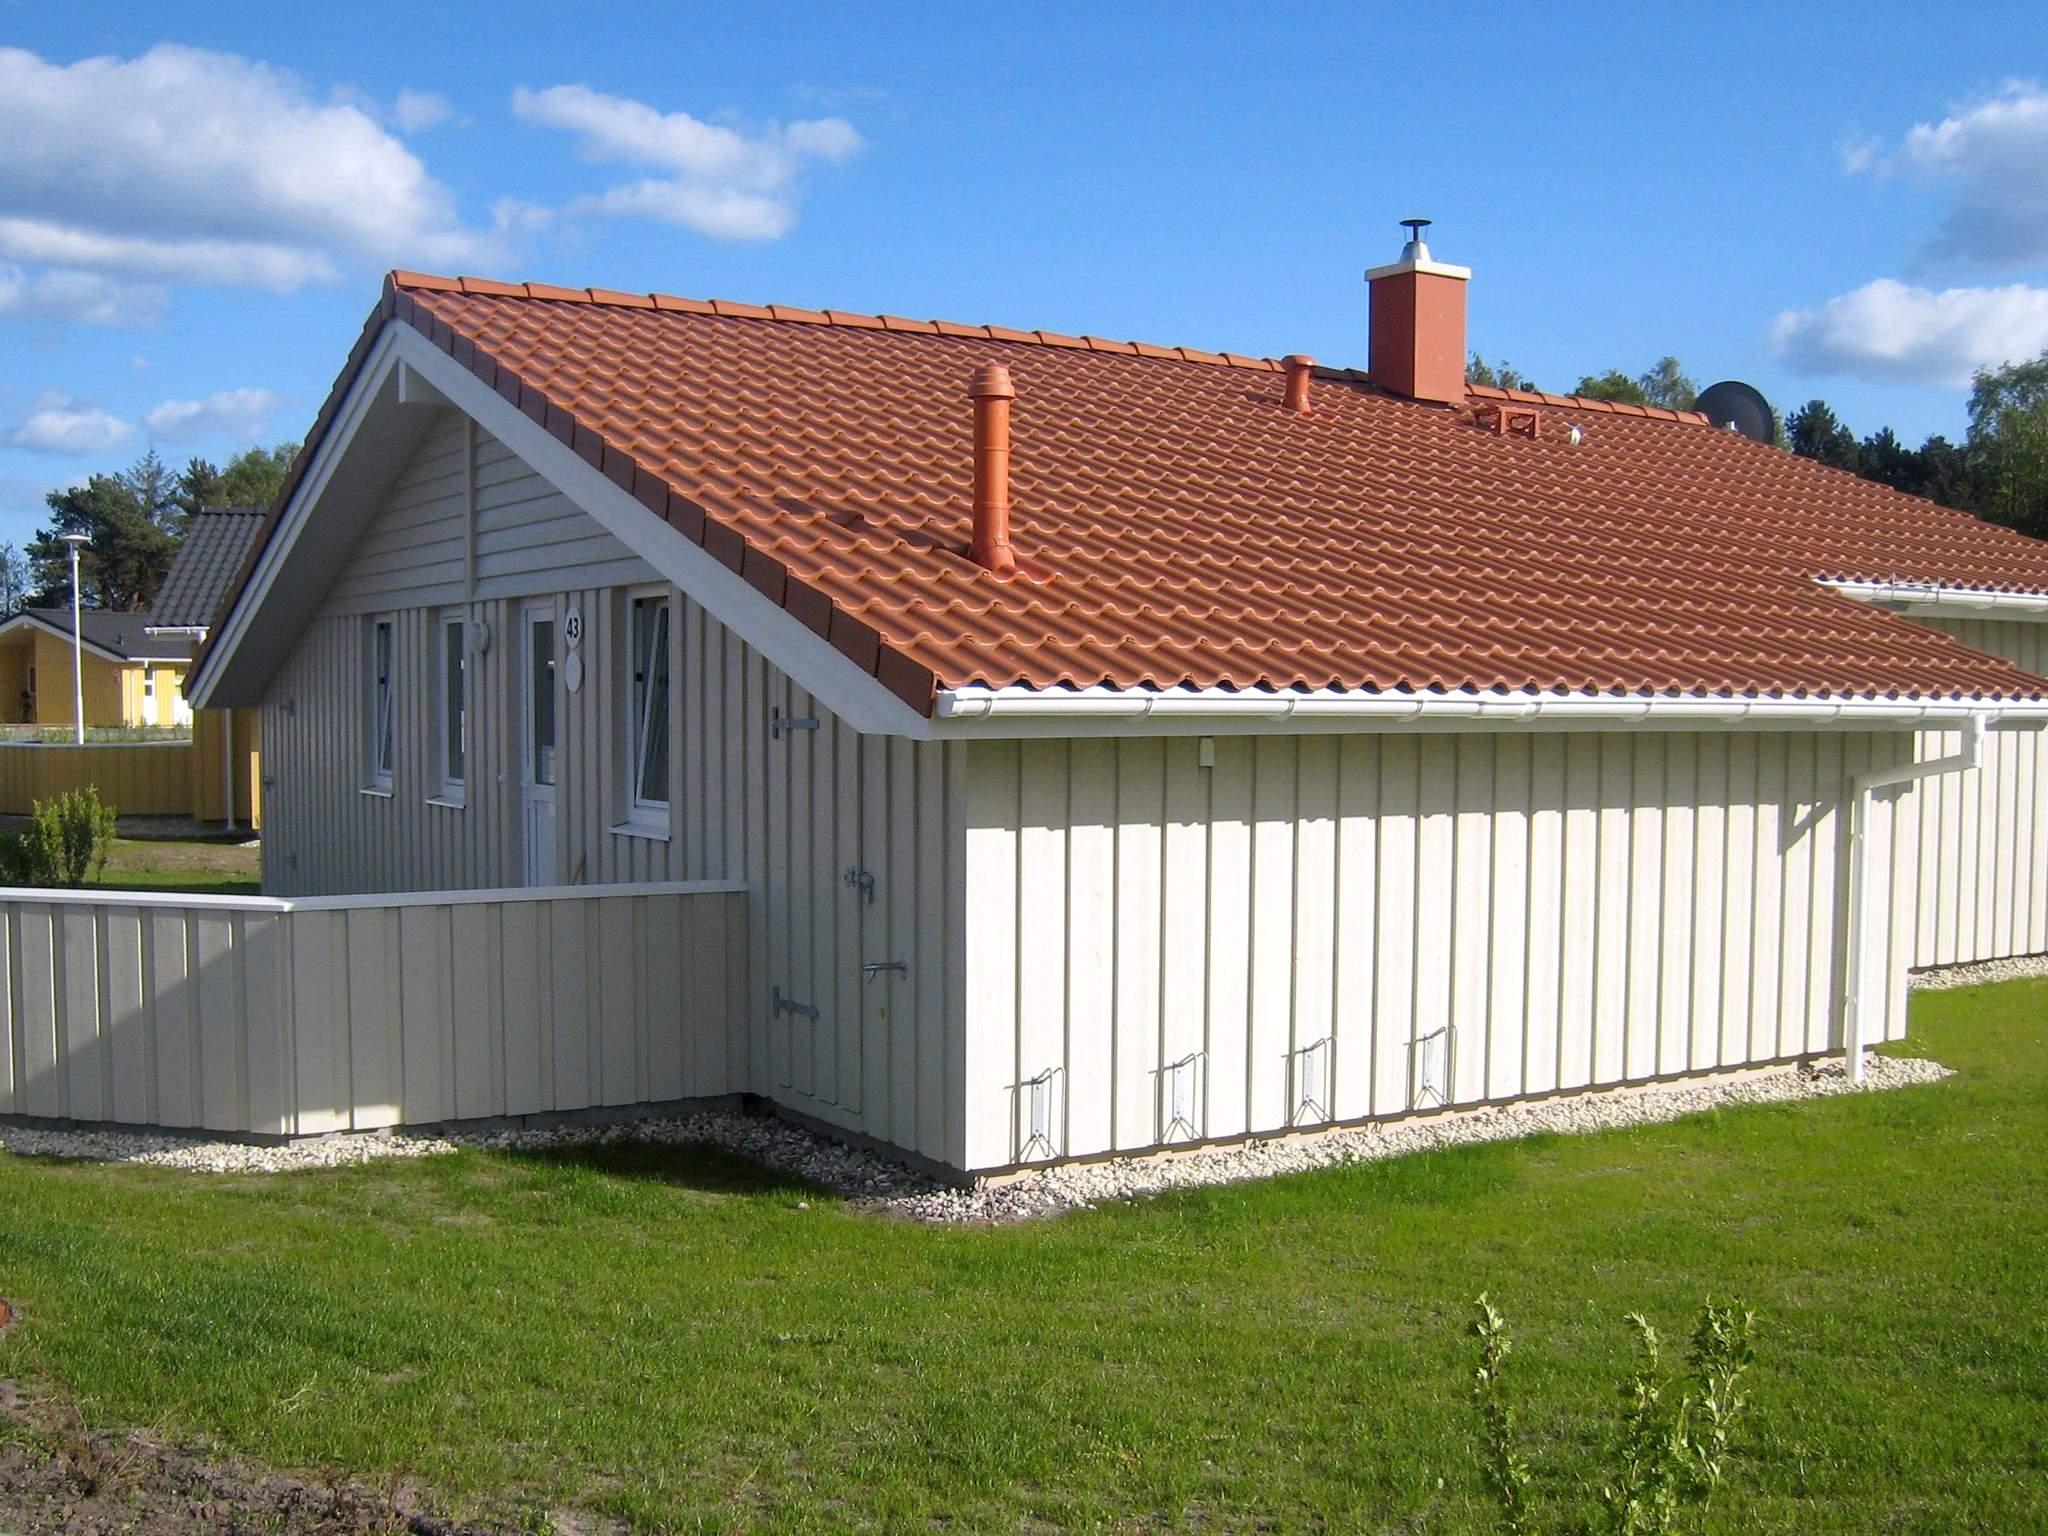 Maison de vacances Grömitz (361024), Grömitz, Baie de Lübeck, Schleswig-Holstein, Allemagne, image 14